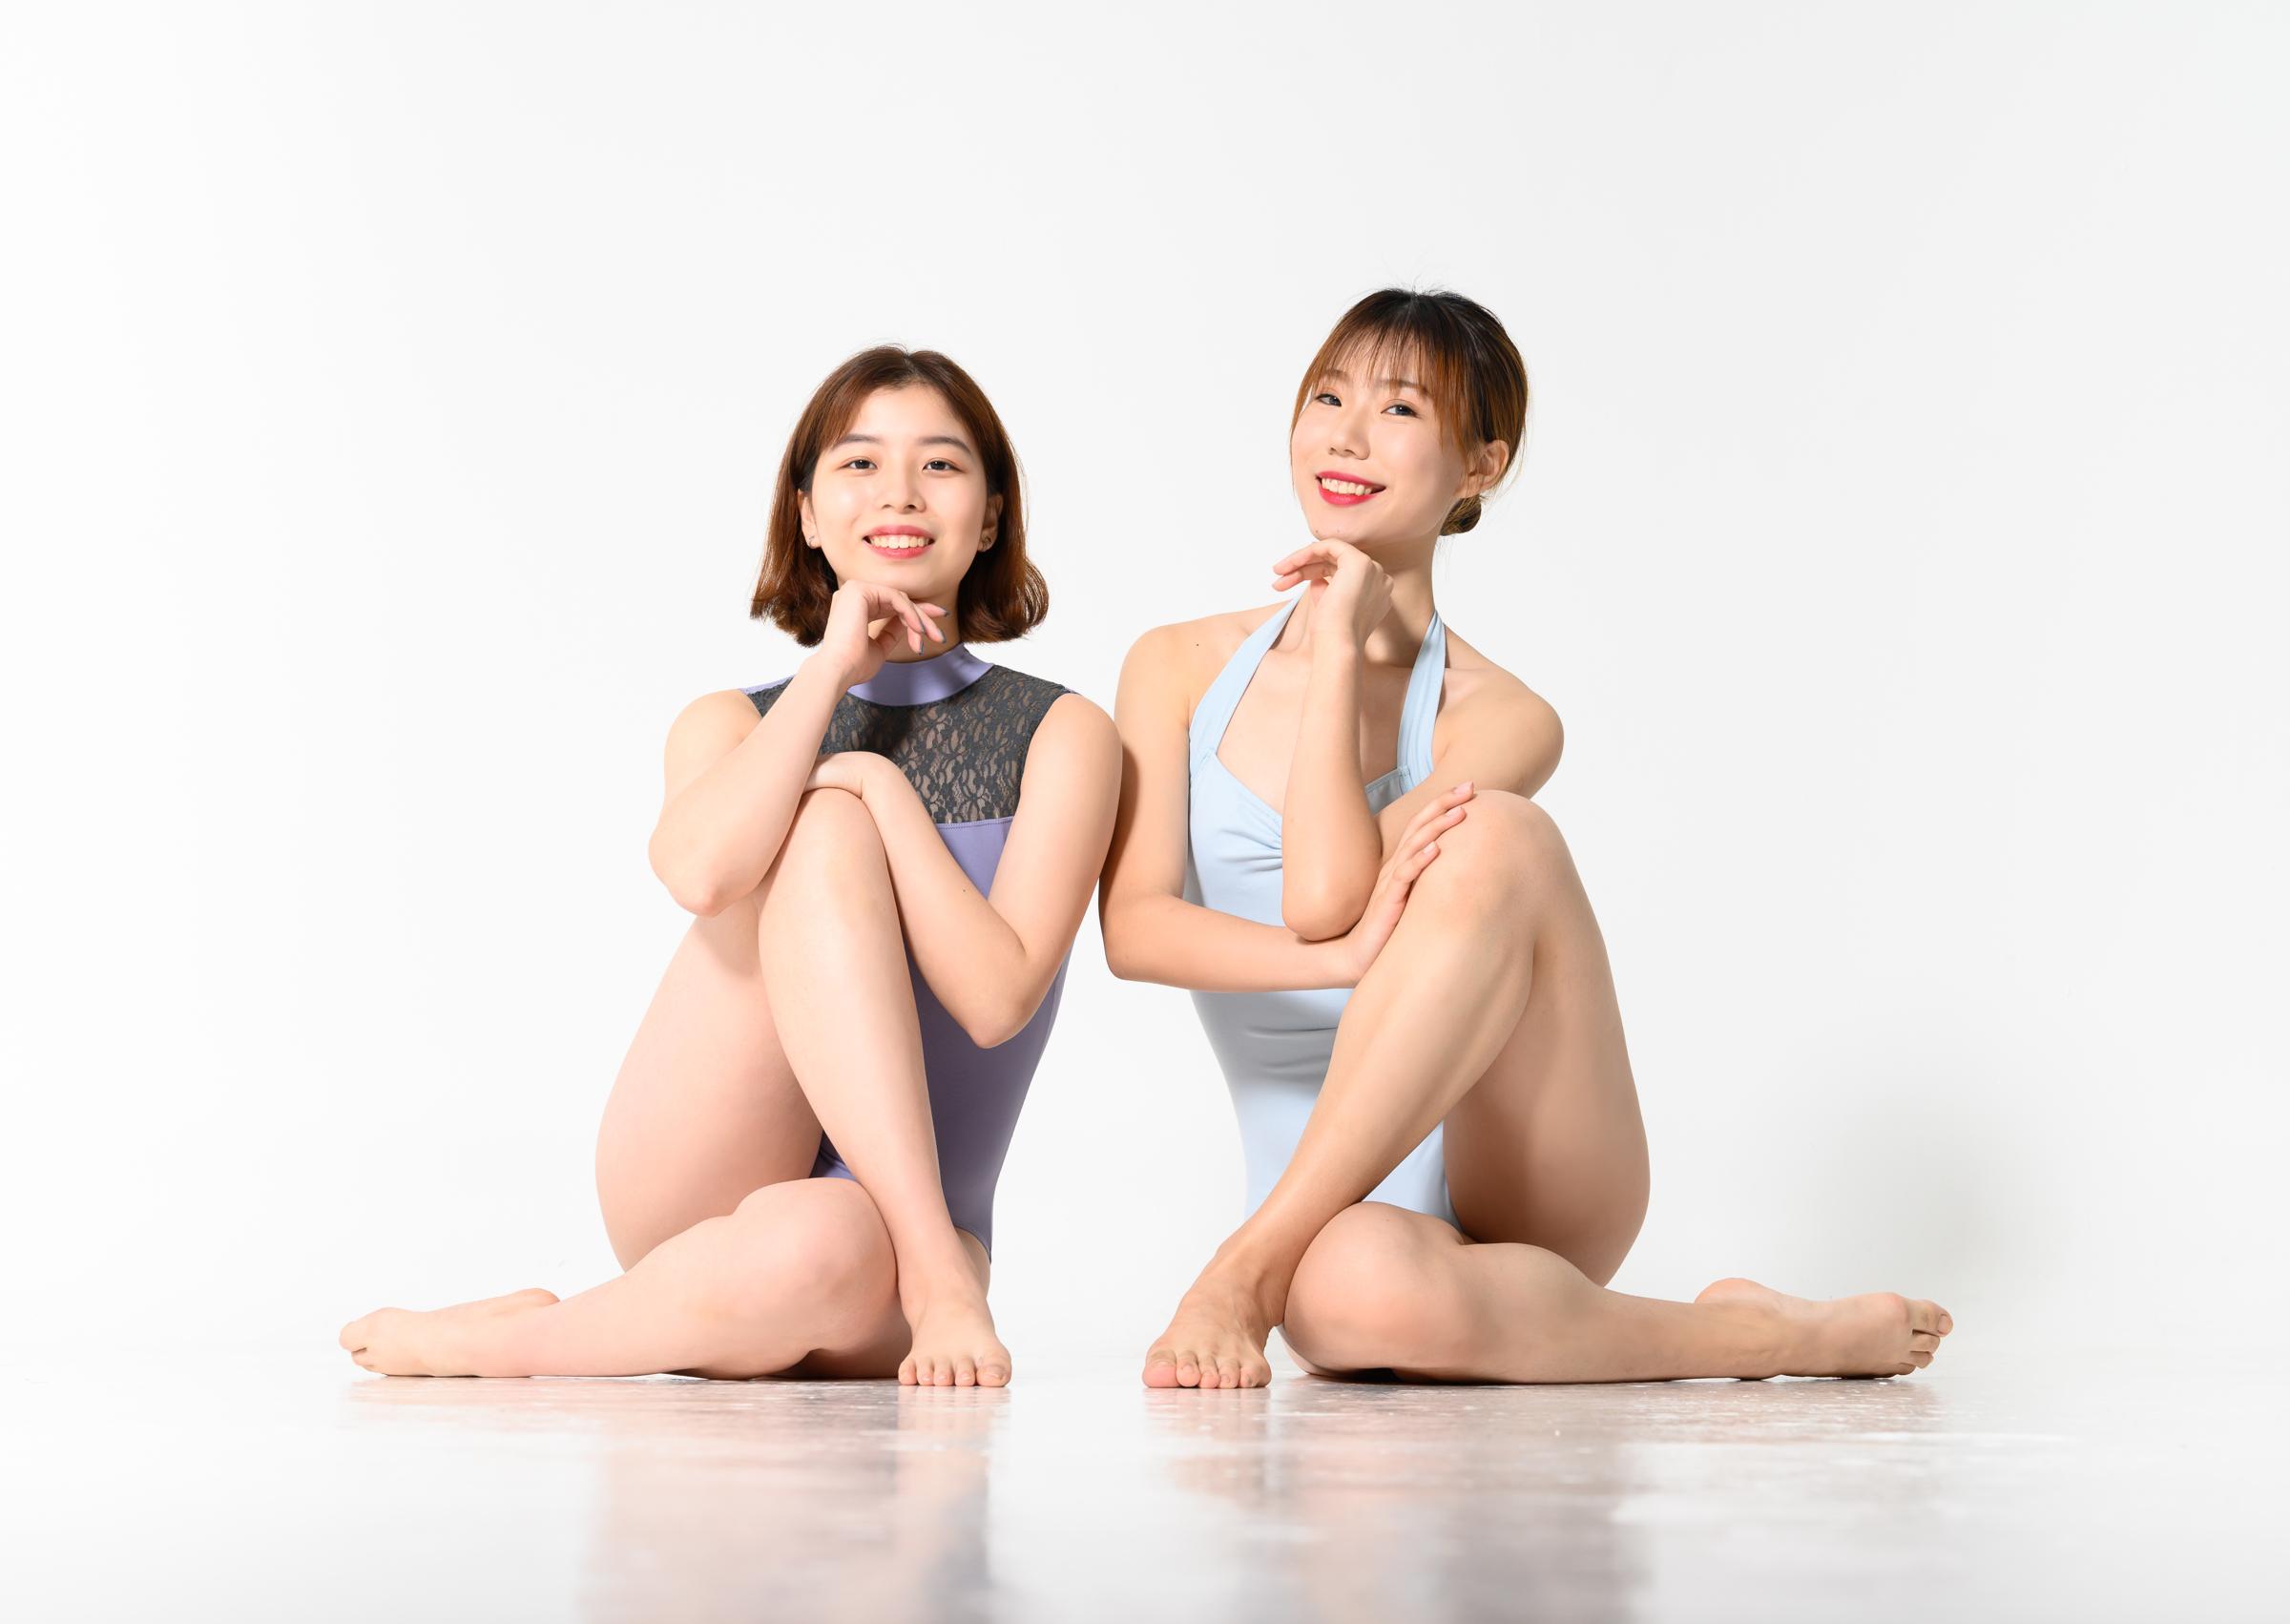 Fei Fei and Xiao Di in the Studio